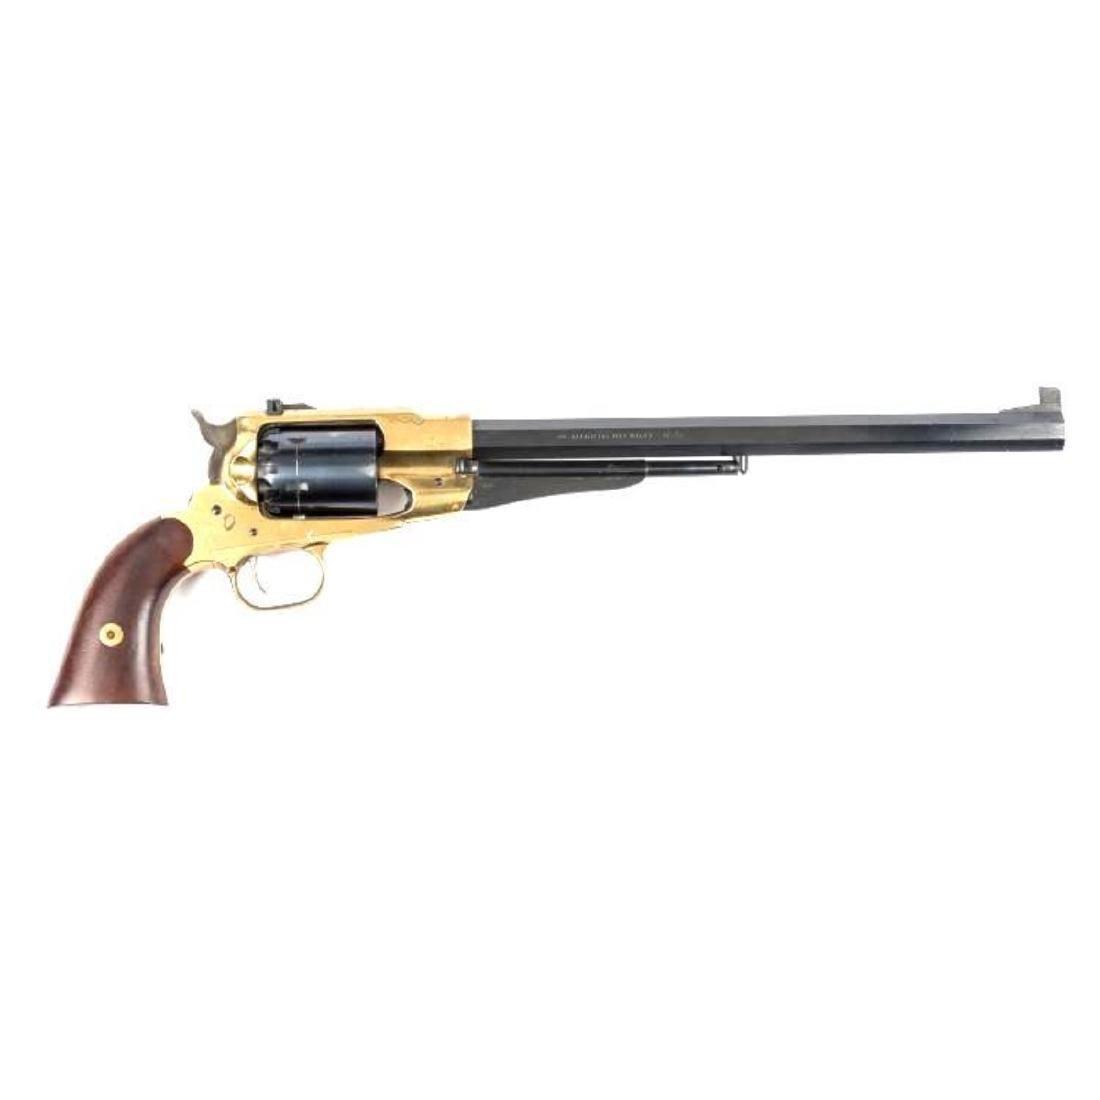 F. LLI Pietta Black Powder Revolver - .44 Cal